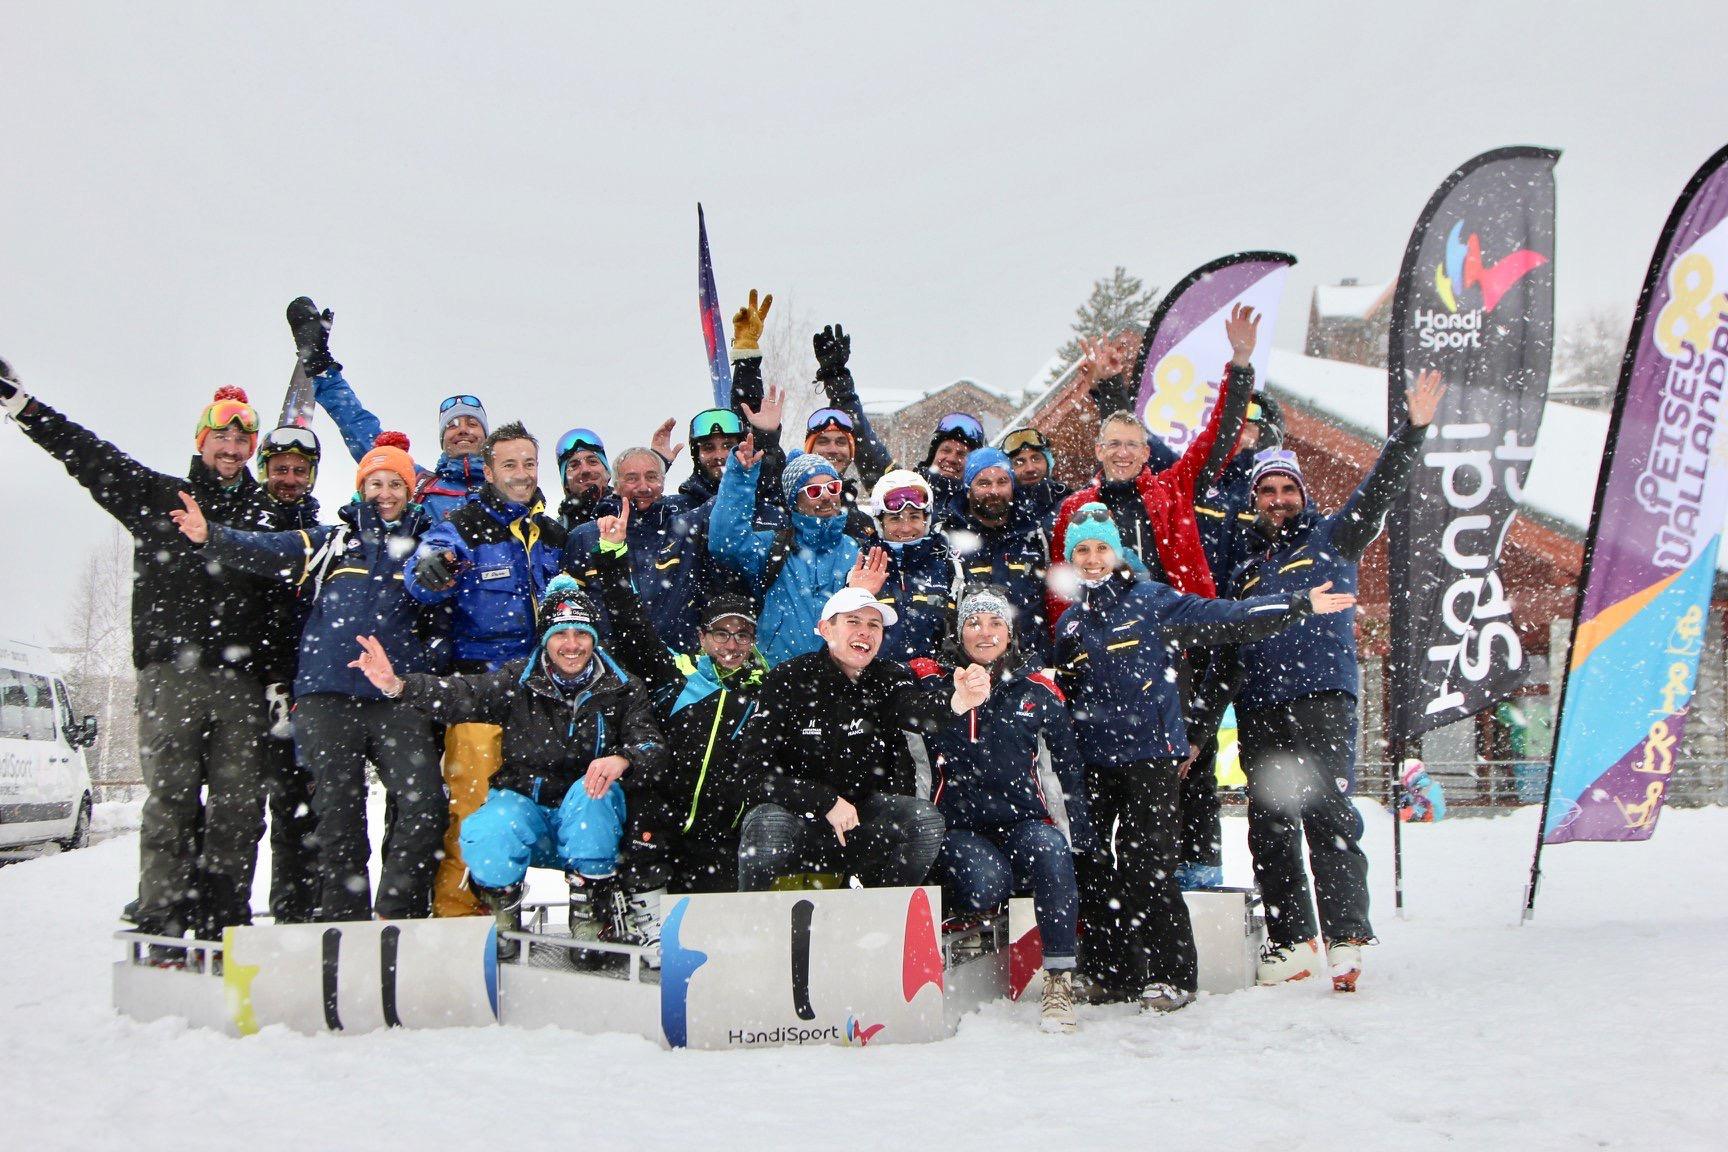 Toute l'équipe du groupe Poma partenaire de la ligue handisport lors des championnat de France Handiski 2020